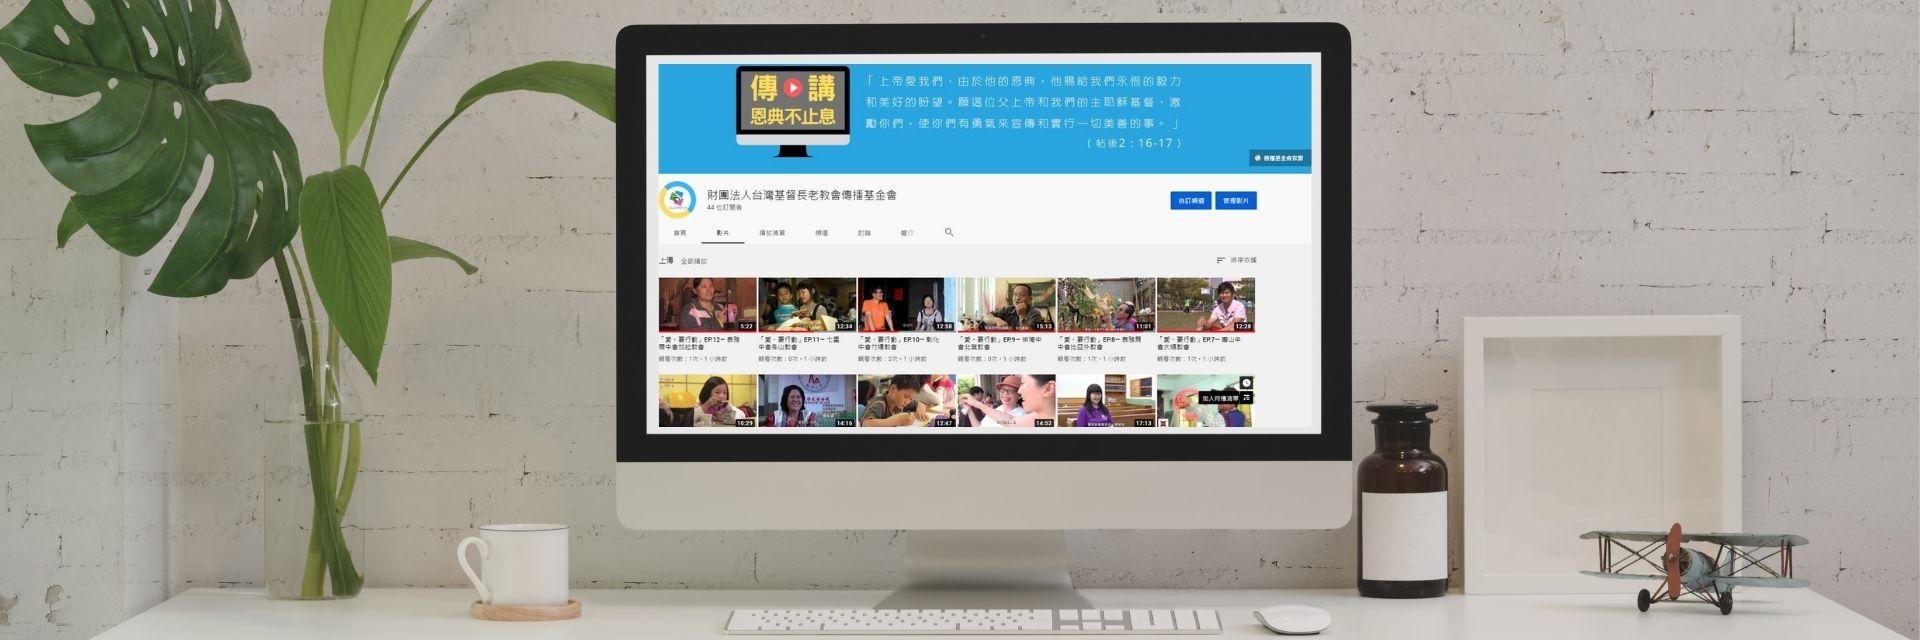 台灣基督教長老教會傳播基金會節目表